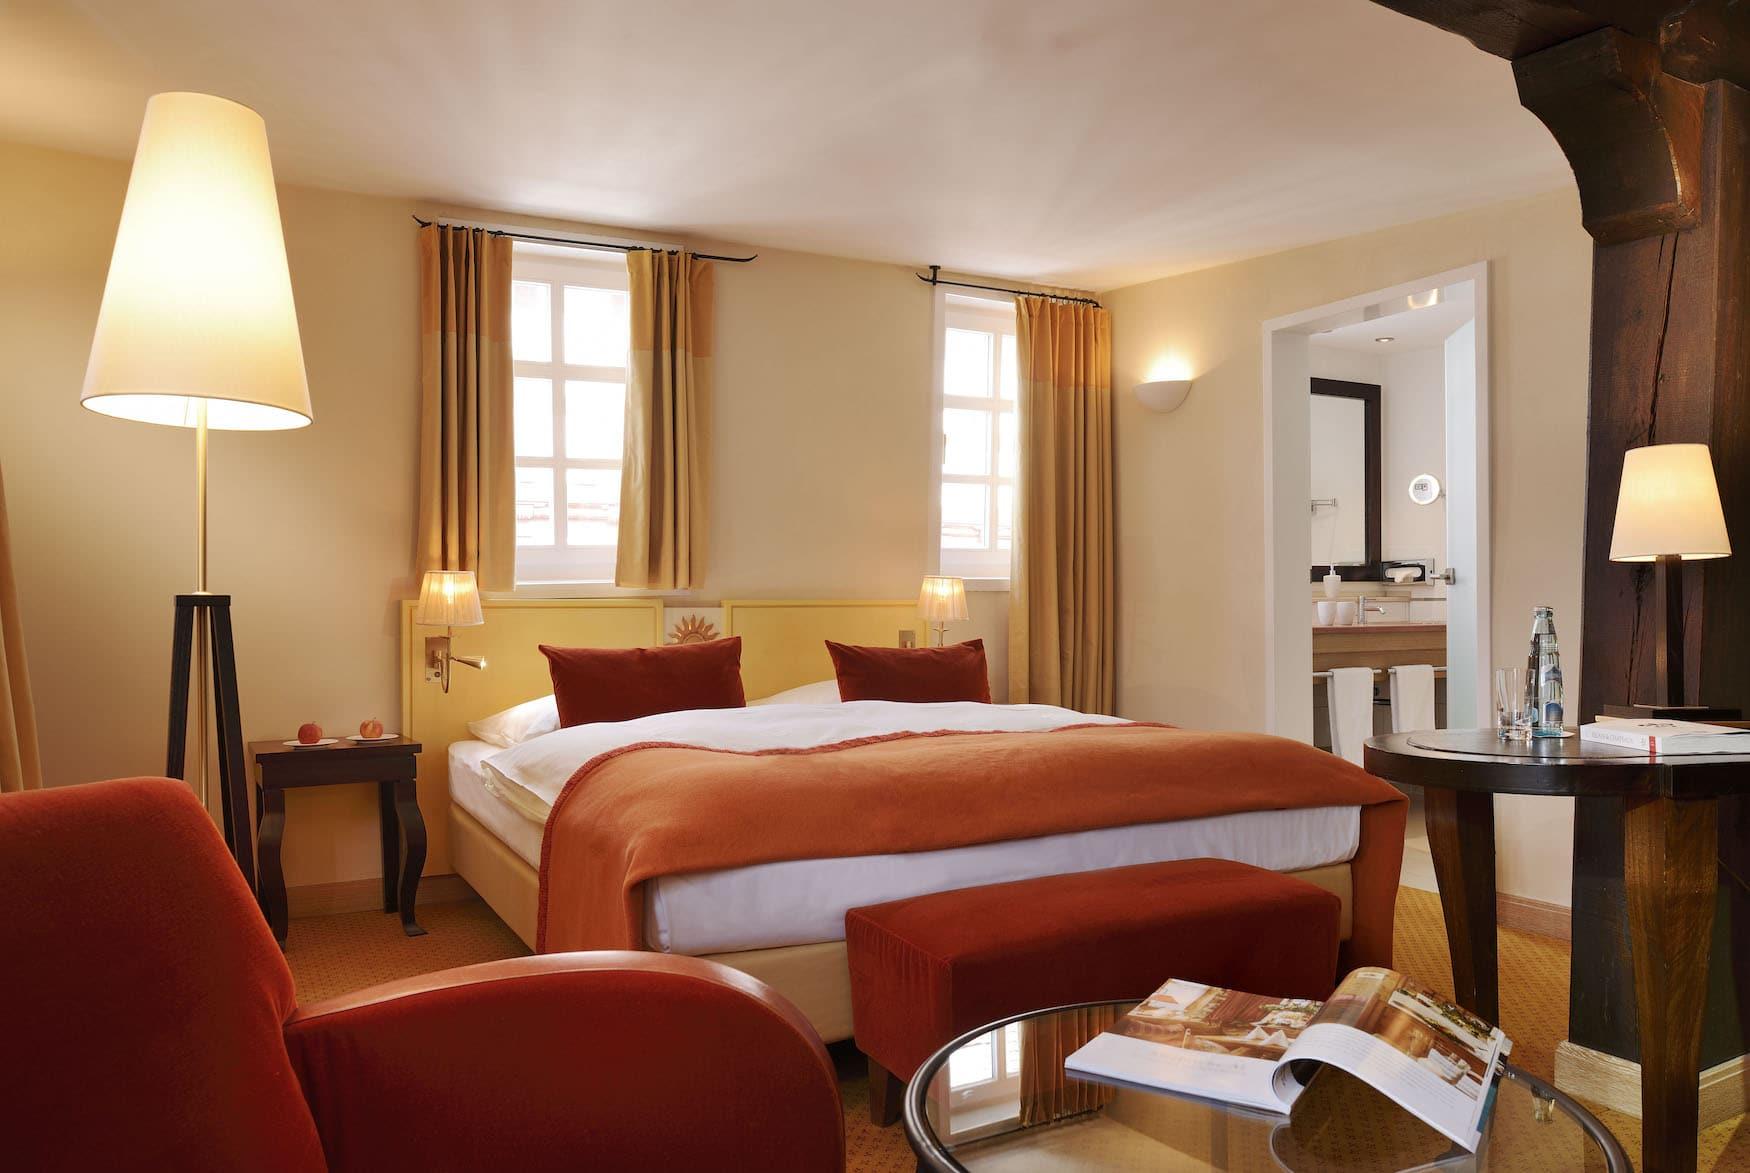 Schlafzimmer in Wellnesshotel in Hessen